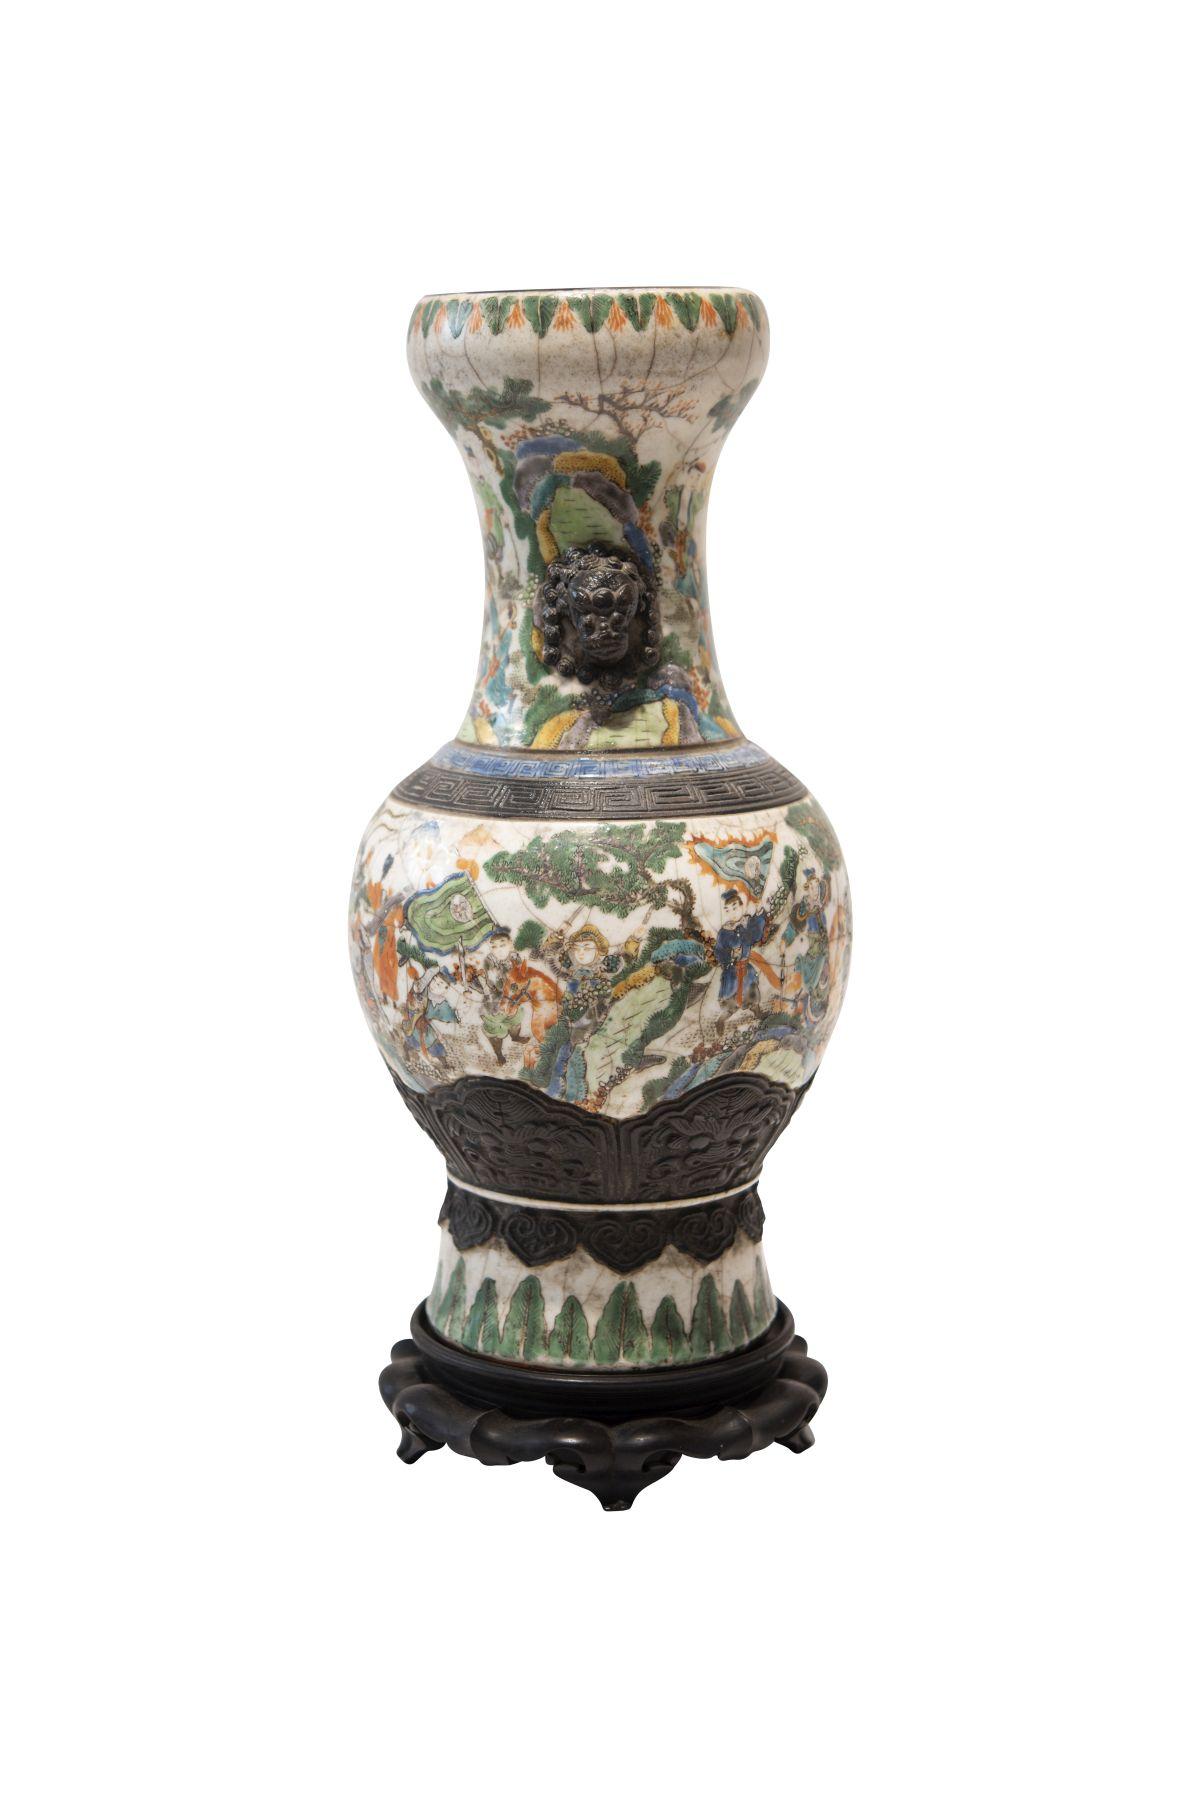 #45 Large baluster vase | Große Baluster Vase Image